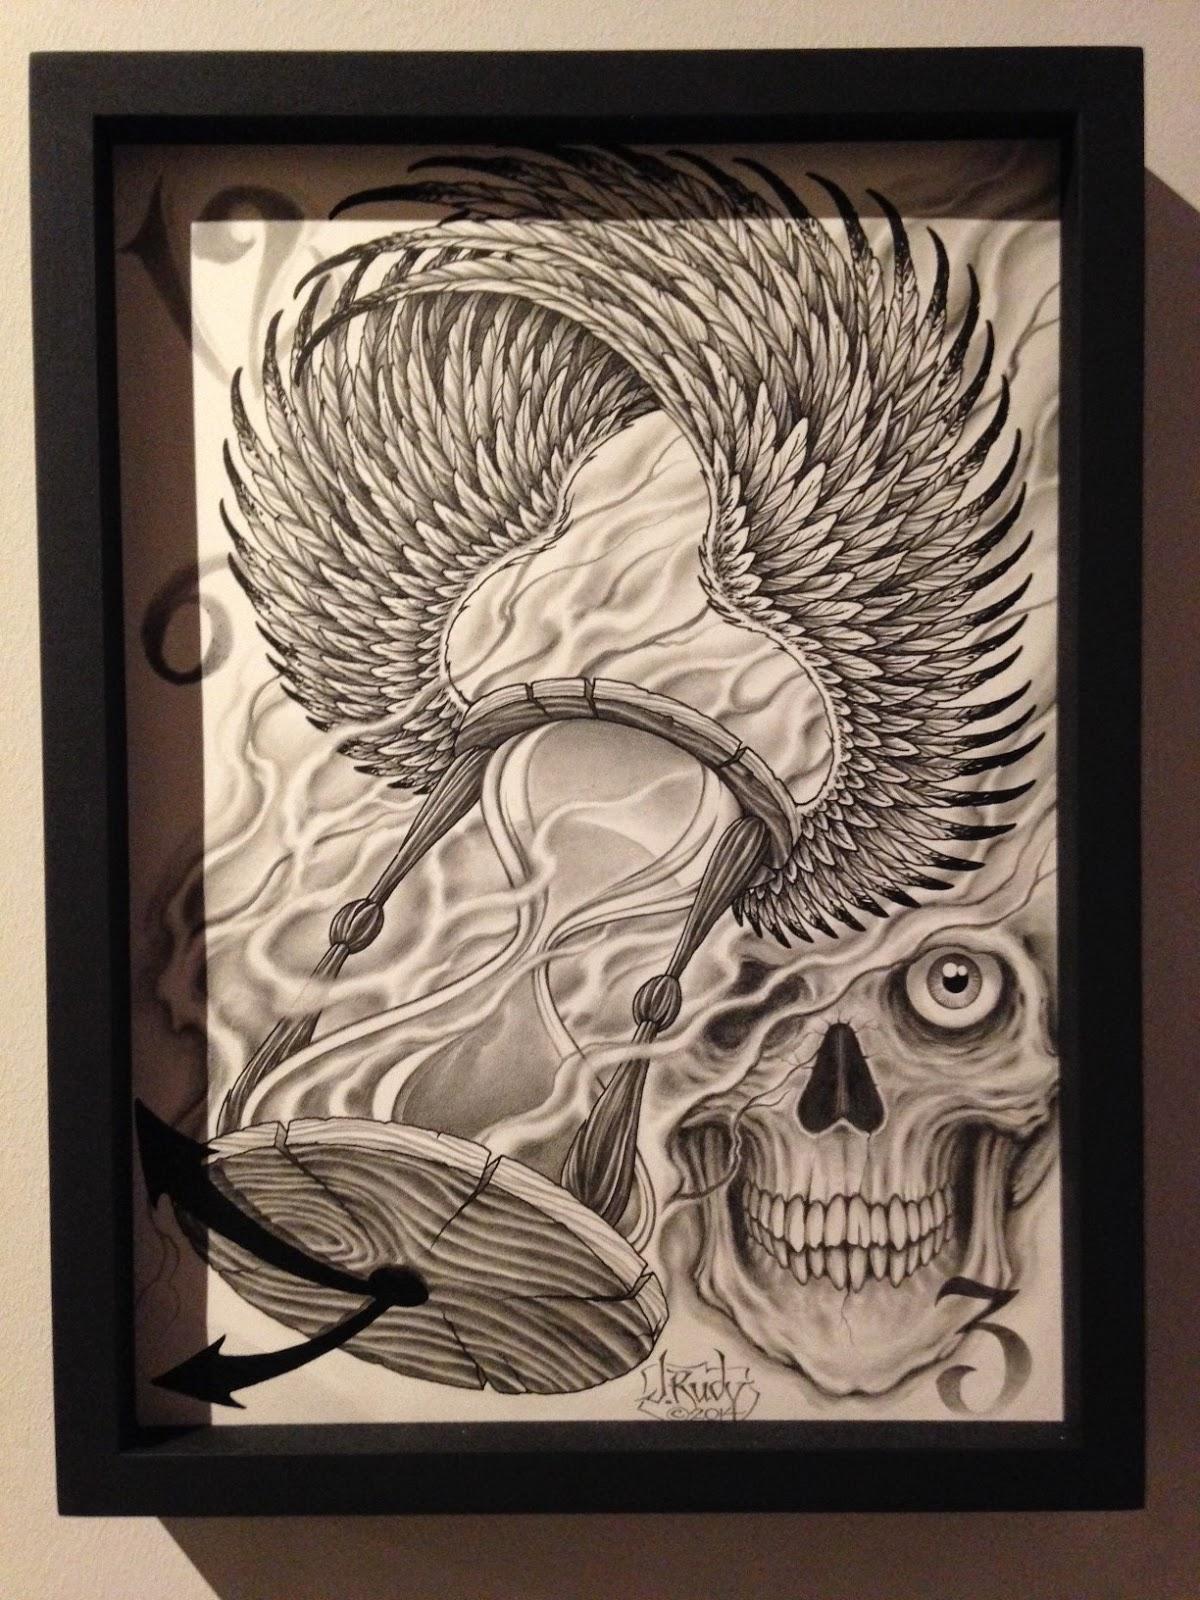 Rock 'n' Needle London : Time: Tattoo Art Today | 1200 x 1600 jpeg 386kB